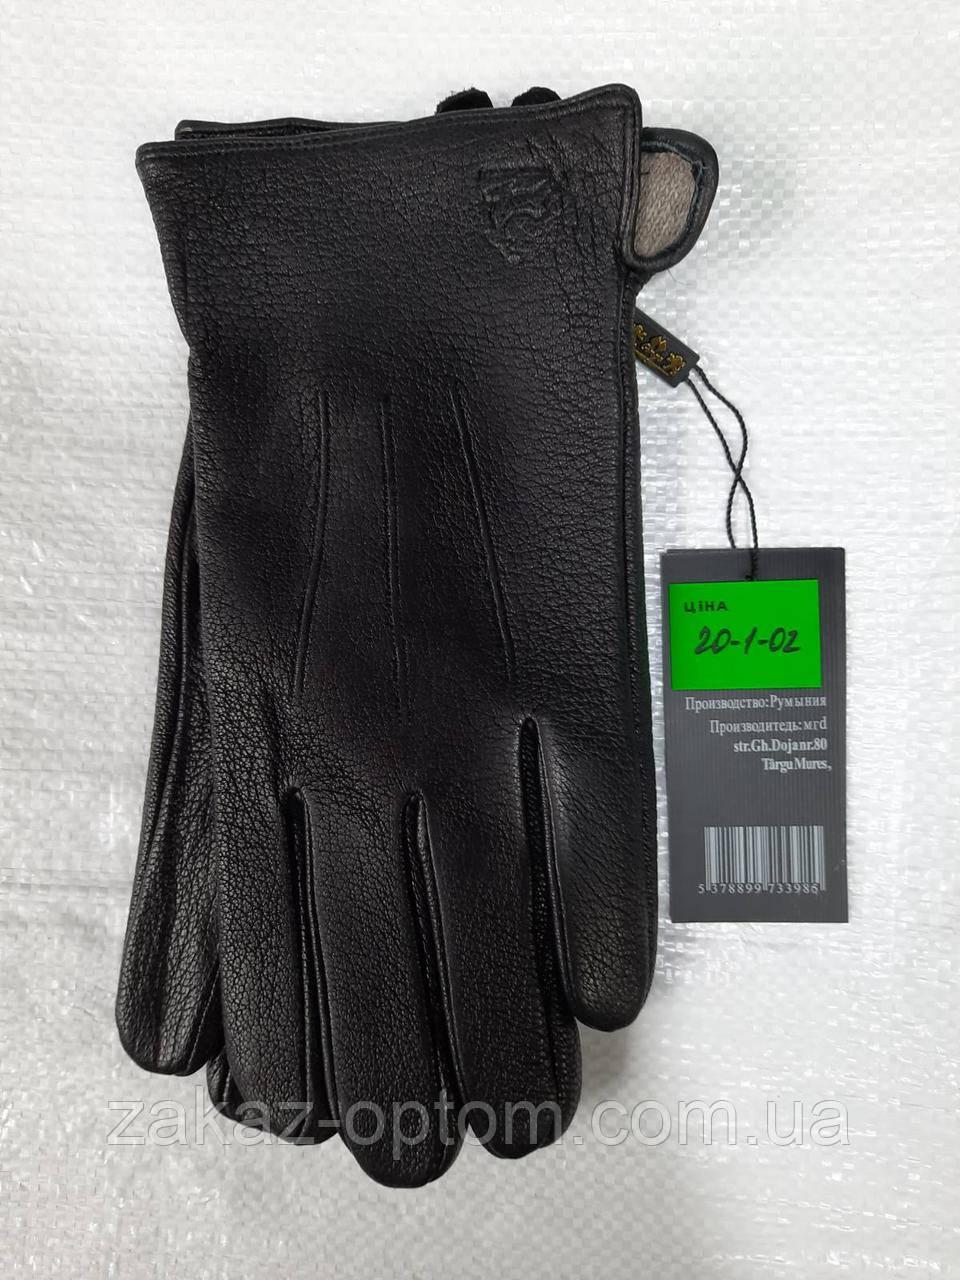 Мужские перчатки оптом кожа оленья(10,5-12,5)Румыния 20-1-02 -63193